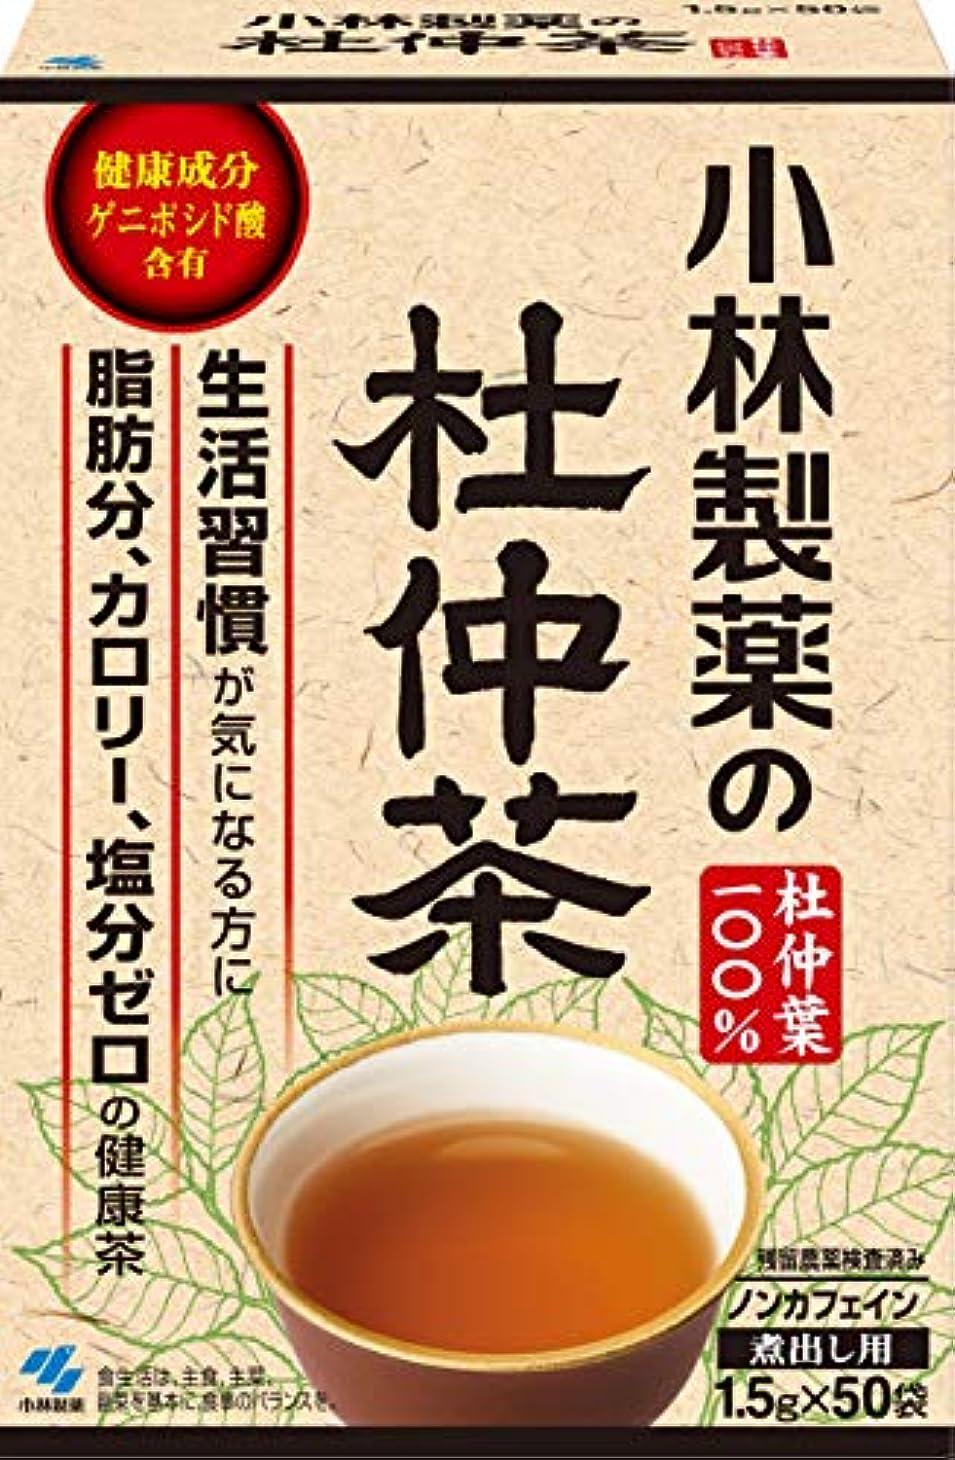 時折監査車小林製薬の杜仲茶 1.5g×50袋